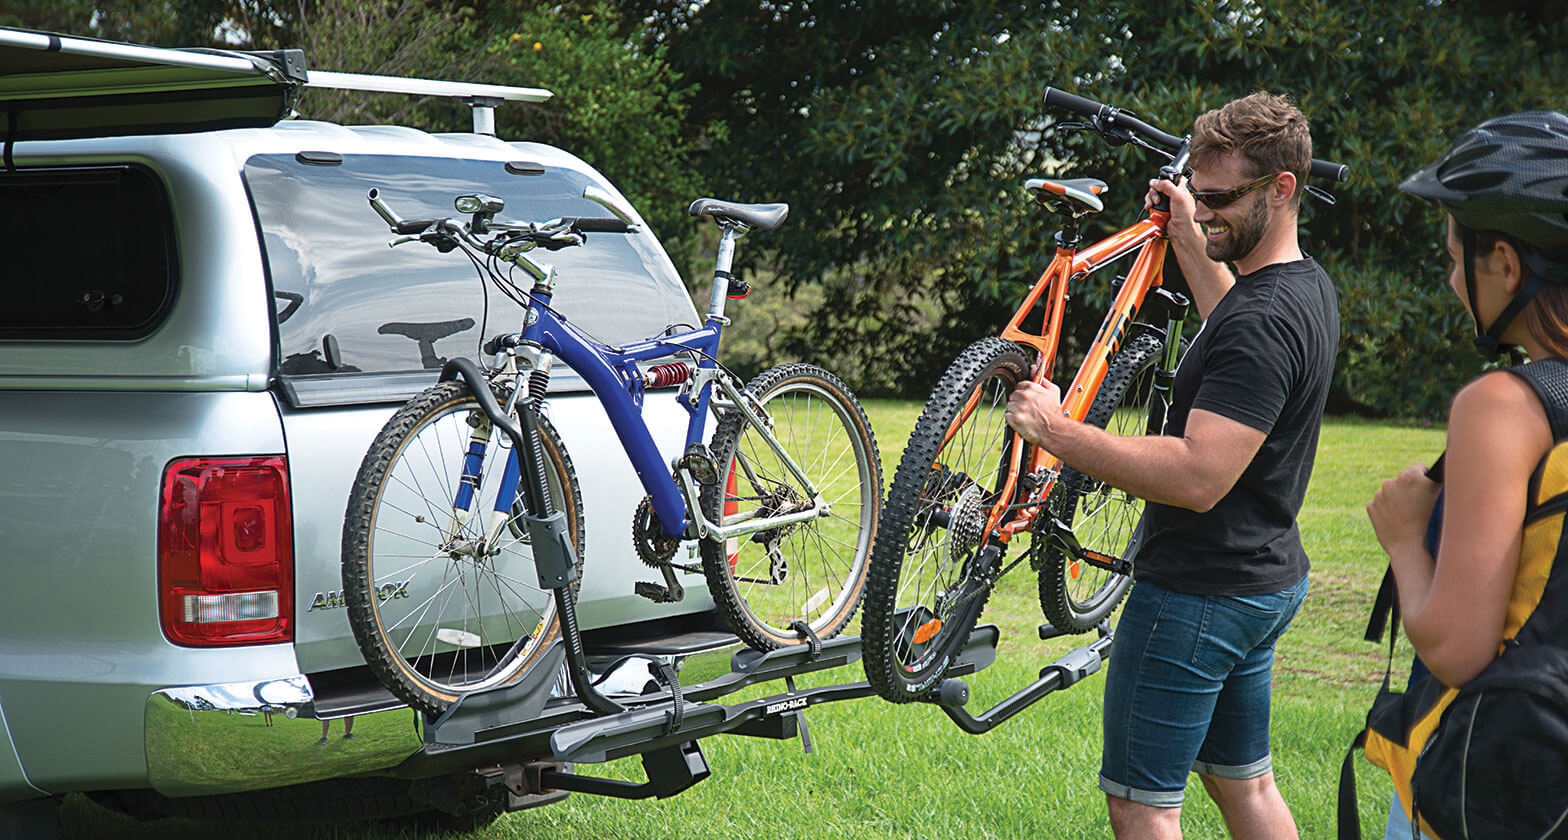 https medpharmres com indzen aspx cid 5 zpen best bike rack for 5 bikes xi 3 xc 21 pr 73 99